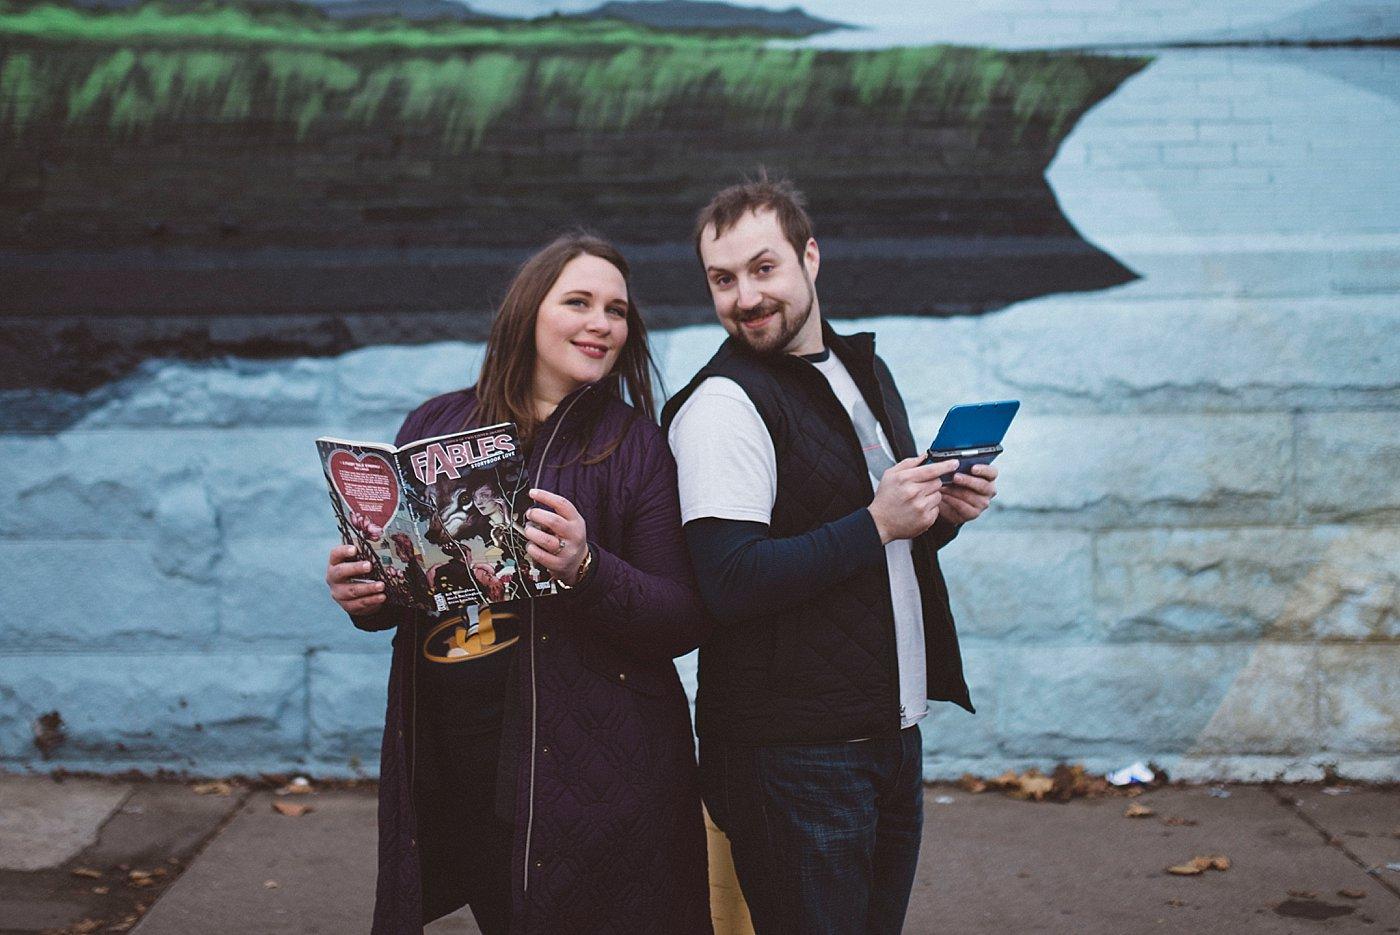 Fables Photography couples | Sandrachile.com